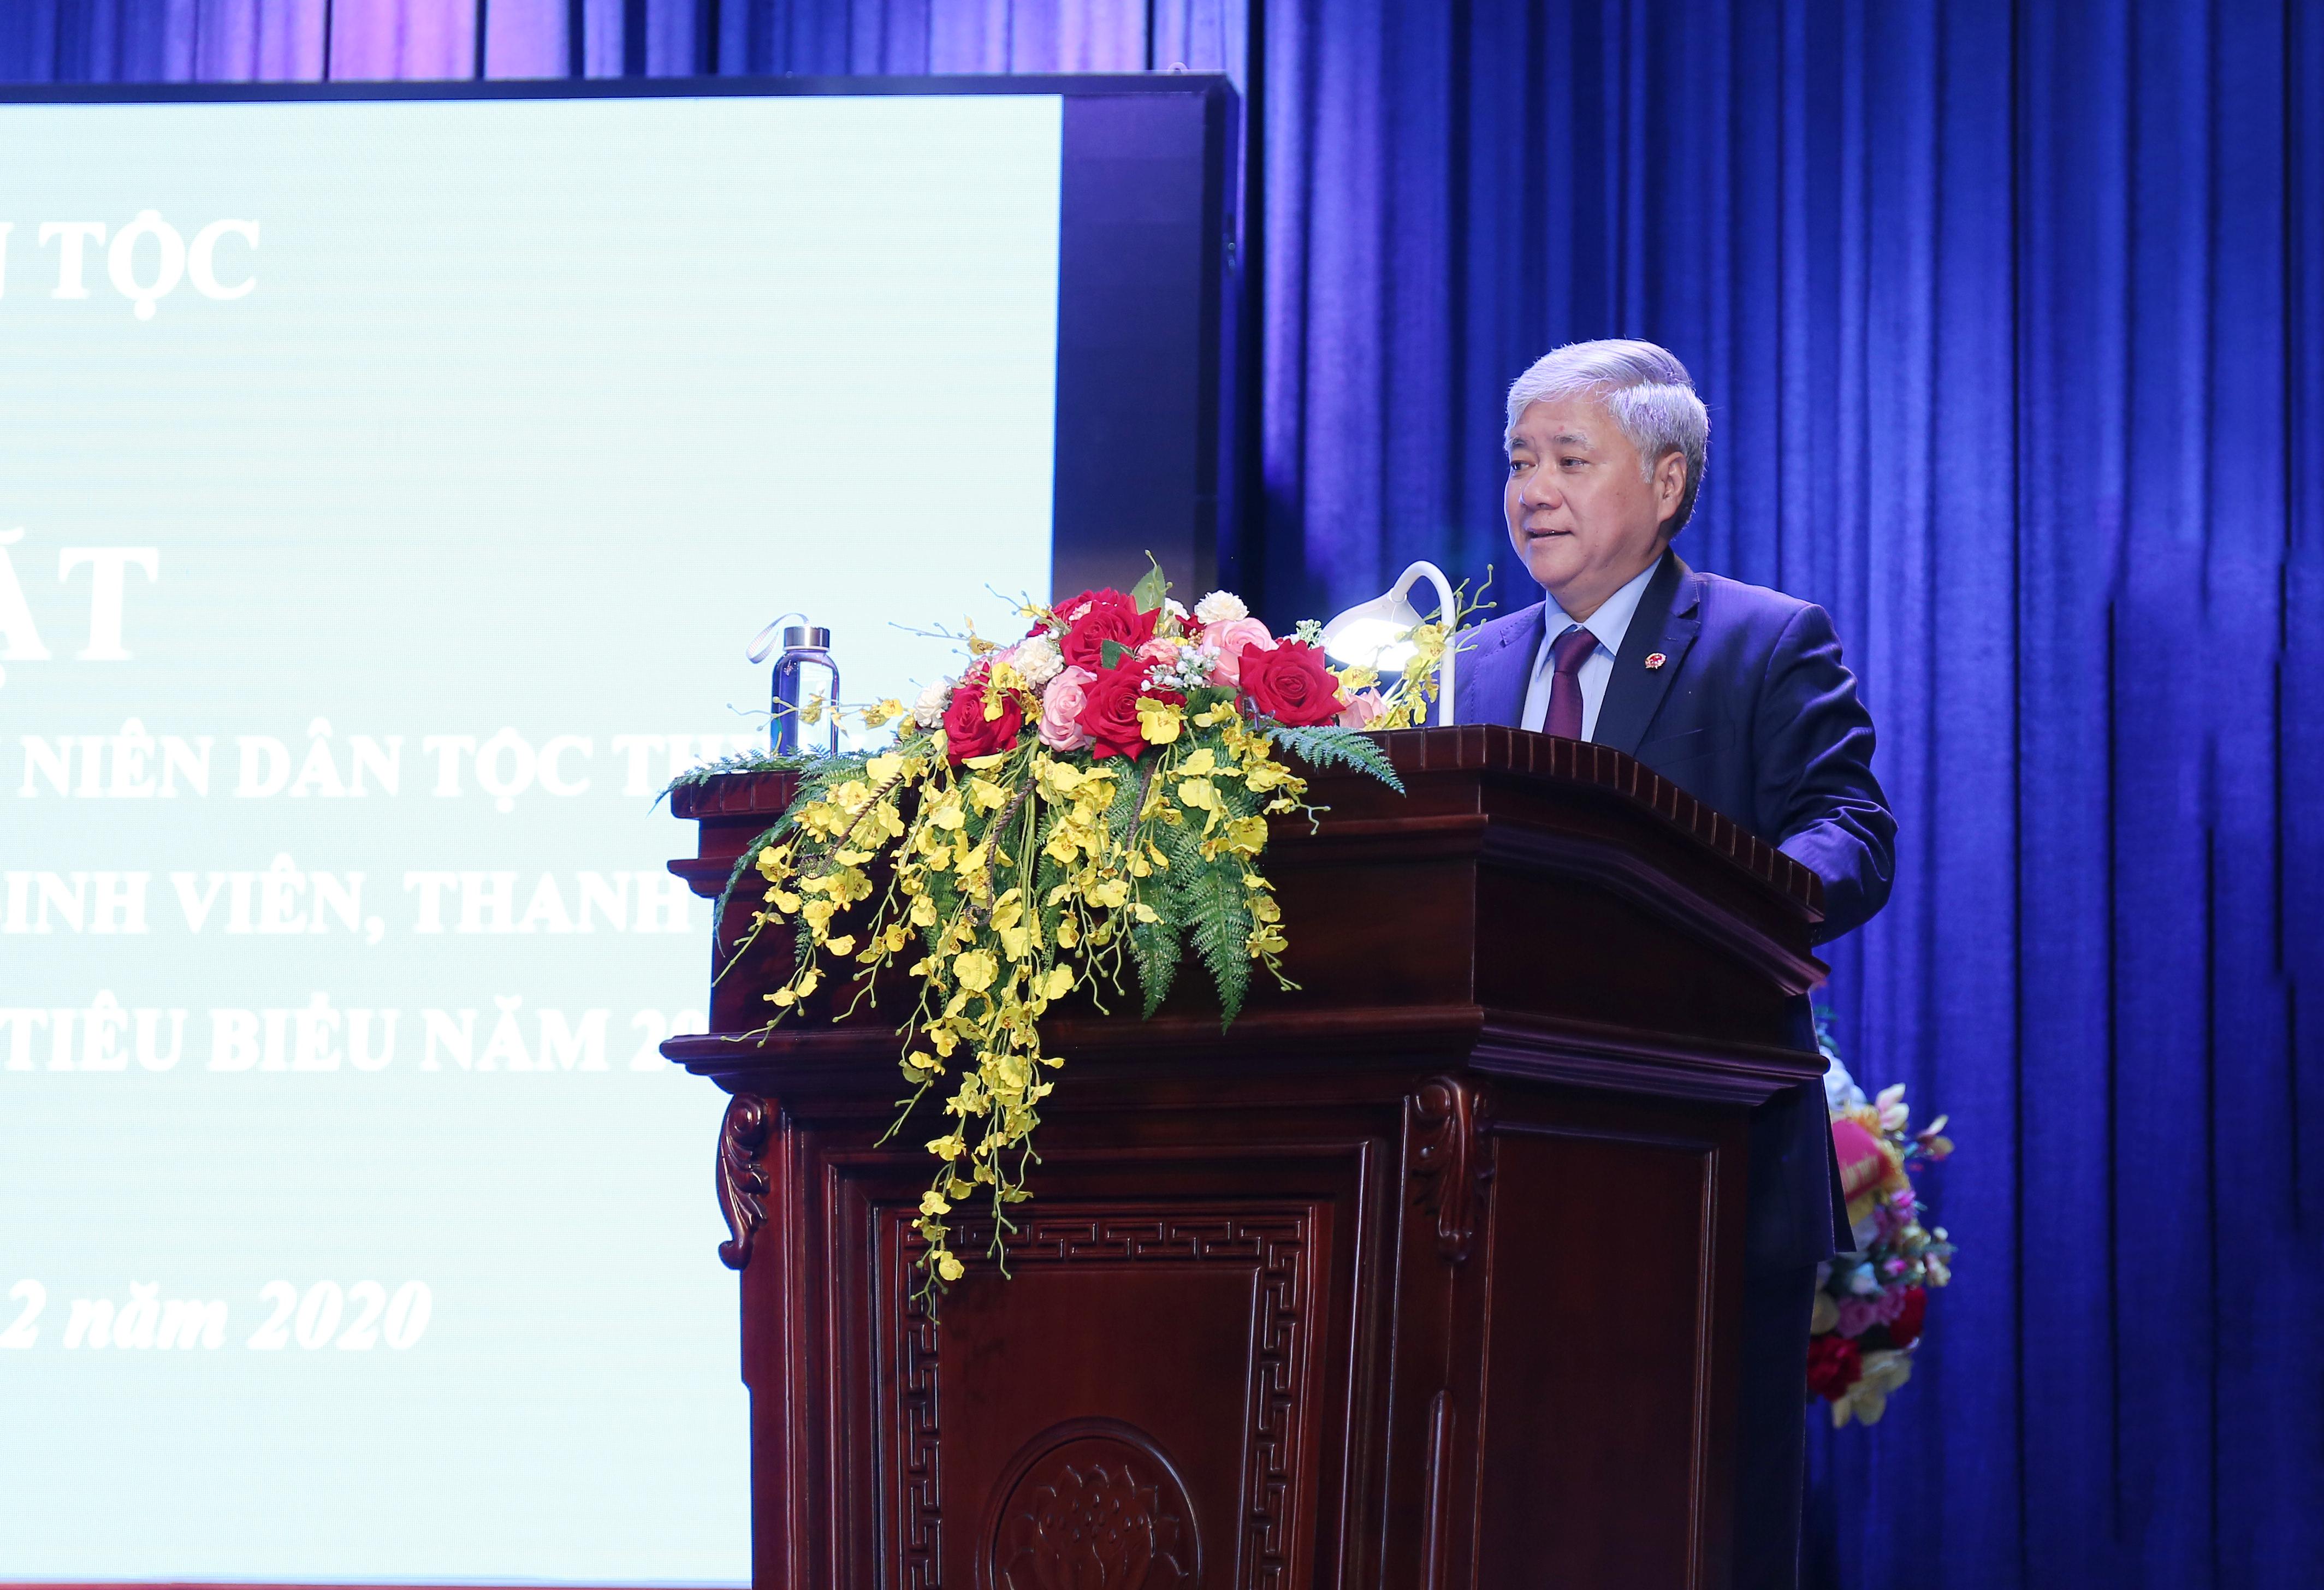 Bộ trưởng, Chủ nhiệm Đỗ Văn Chiến, Trưởng Ban Chỉ đạo Lễ Tuyên dương phát biểu tại buổi gặp mặt